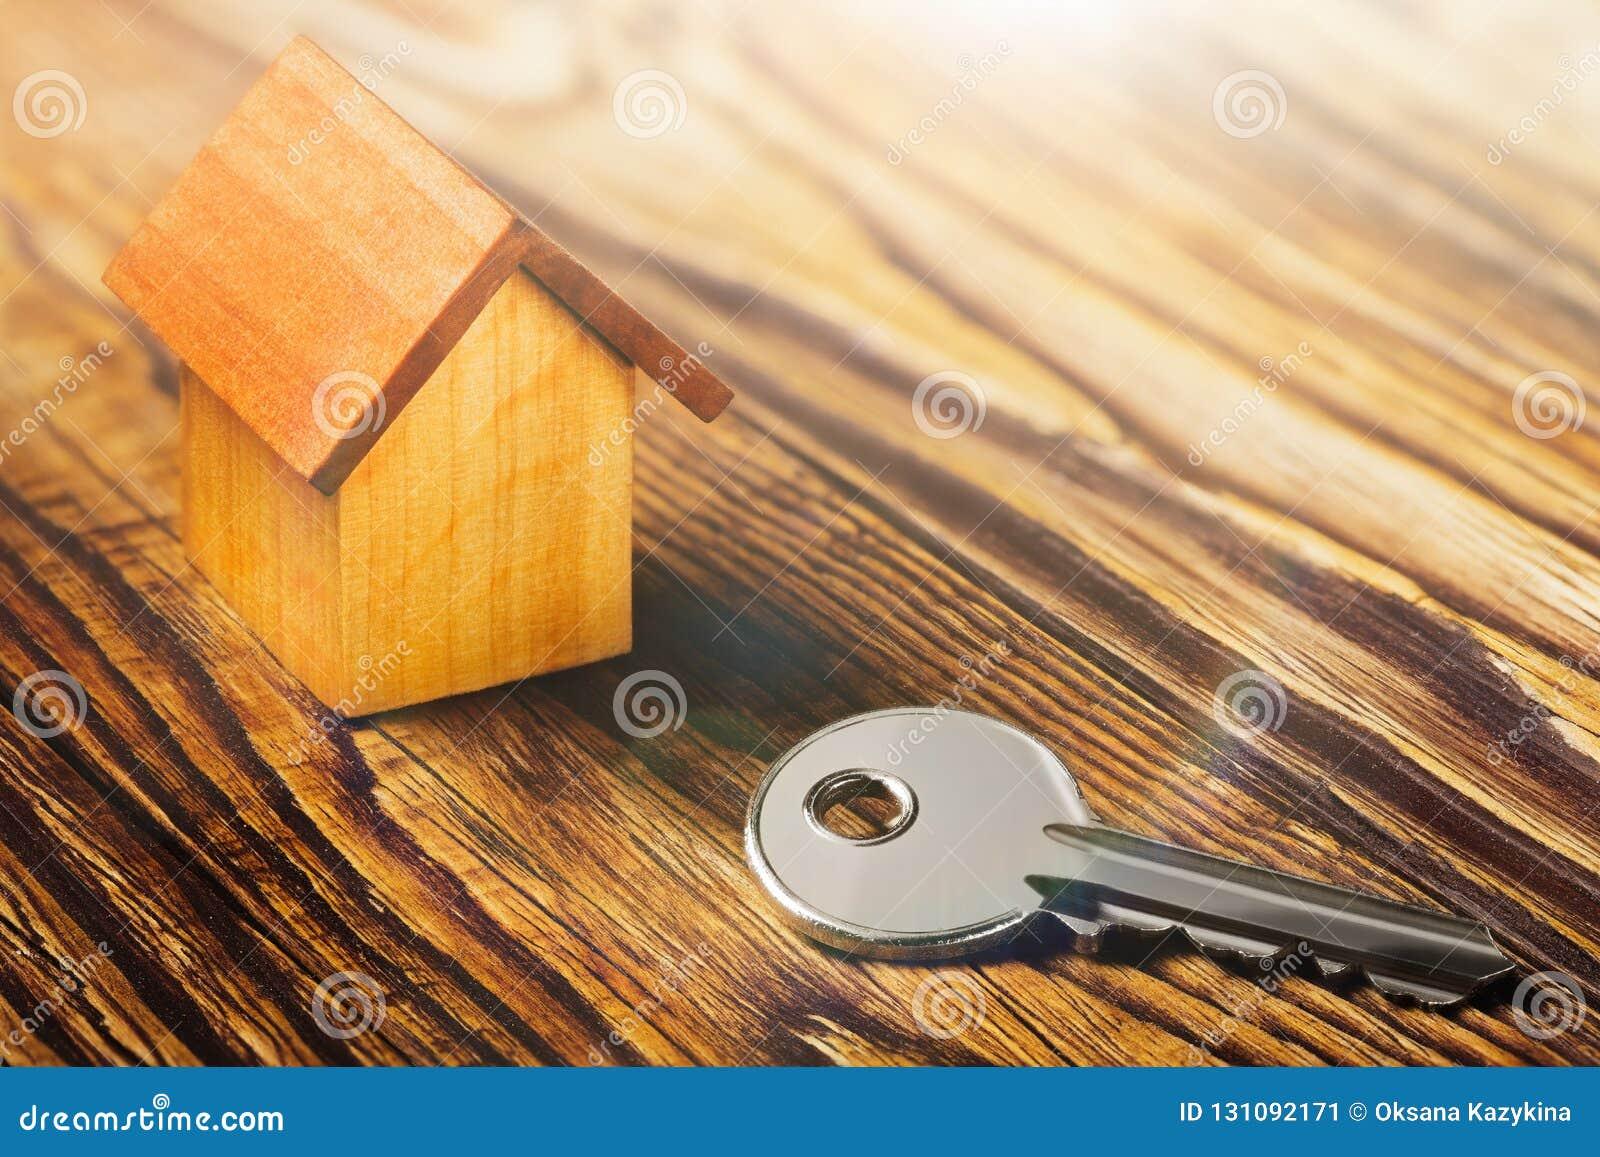 Концепция недвижимости с домом и ключ на деревянной предпосылке Концепция имущества идеи по-настоящему, личное свойство a